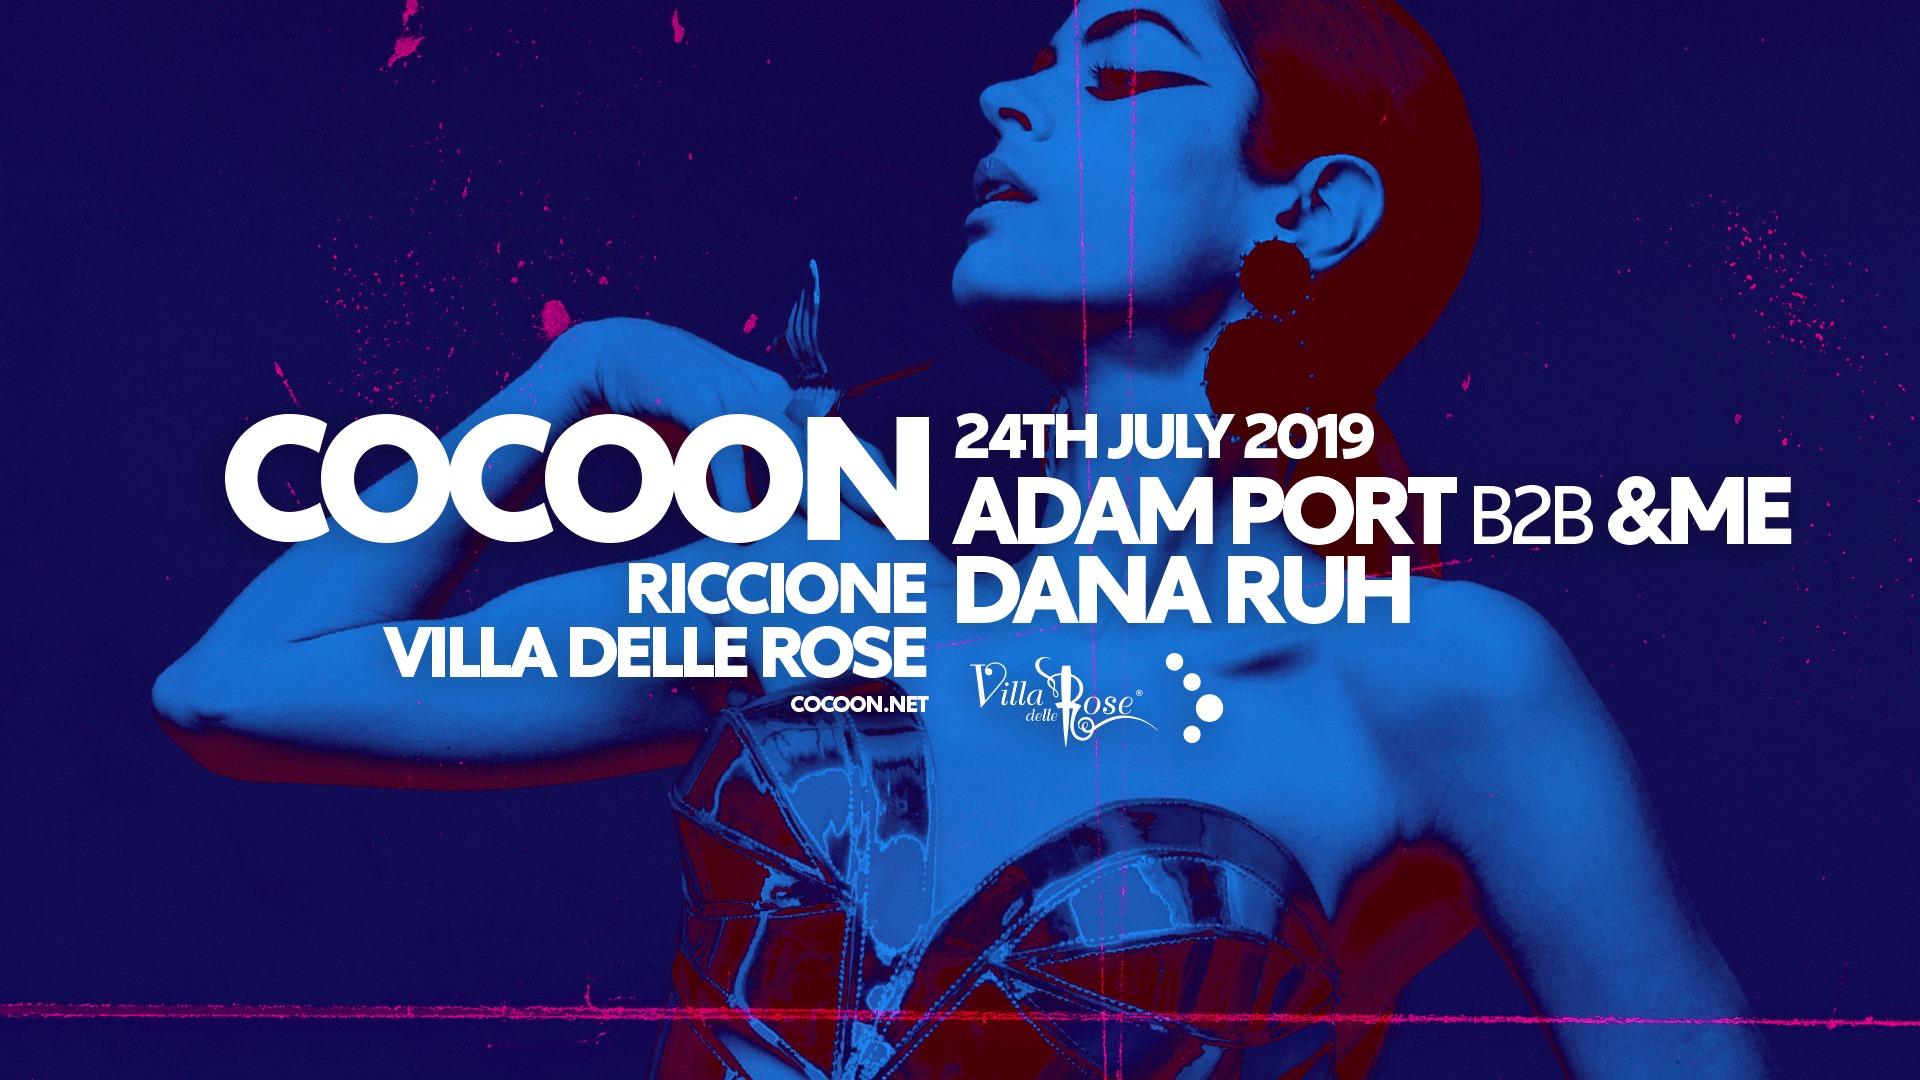 Cocoon Villa Delle Rose – Mercoledì 24 Luglio 2019 – Adam Port – Dana Ruh –  Ticket -Biglietti 18app – Pacchetti Hotel